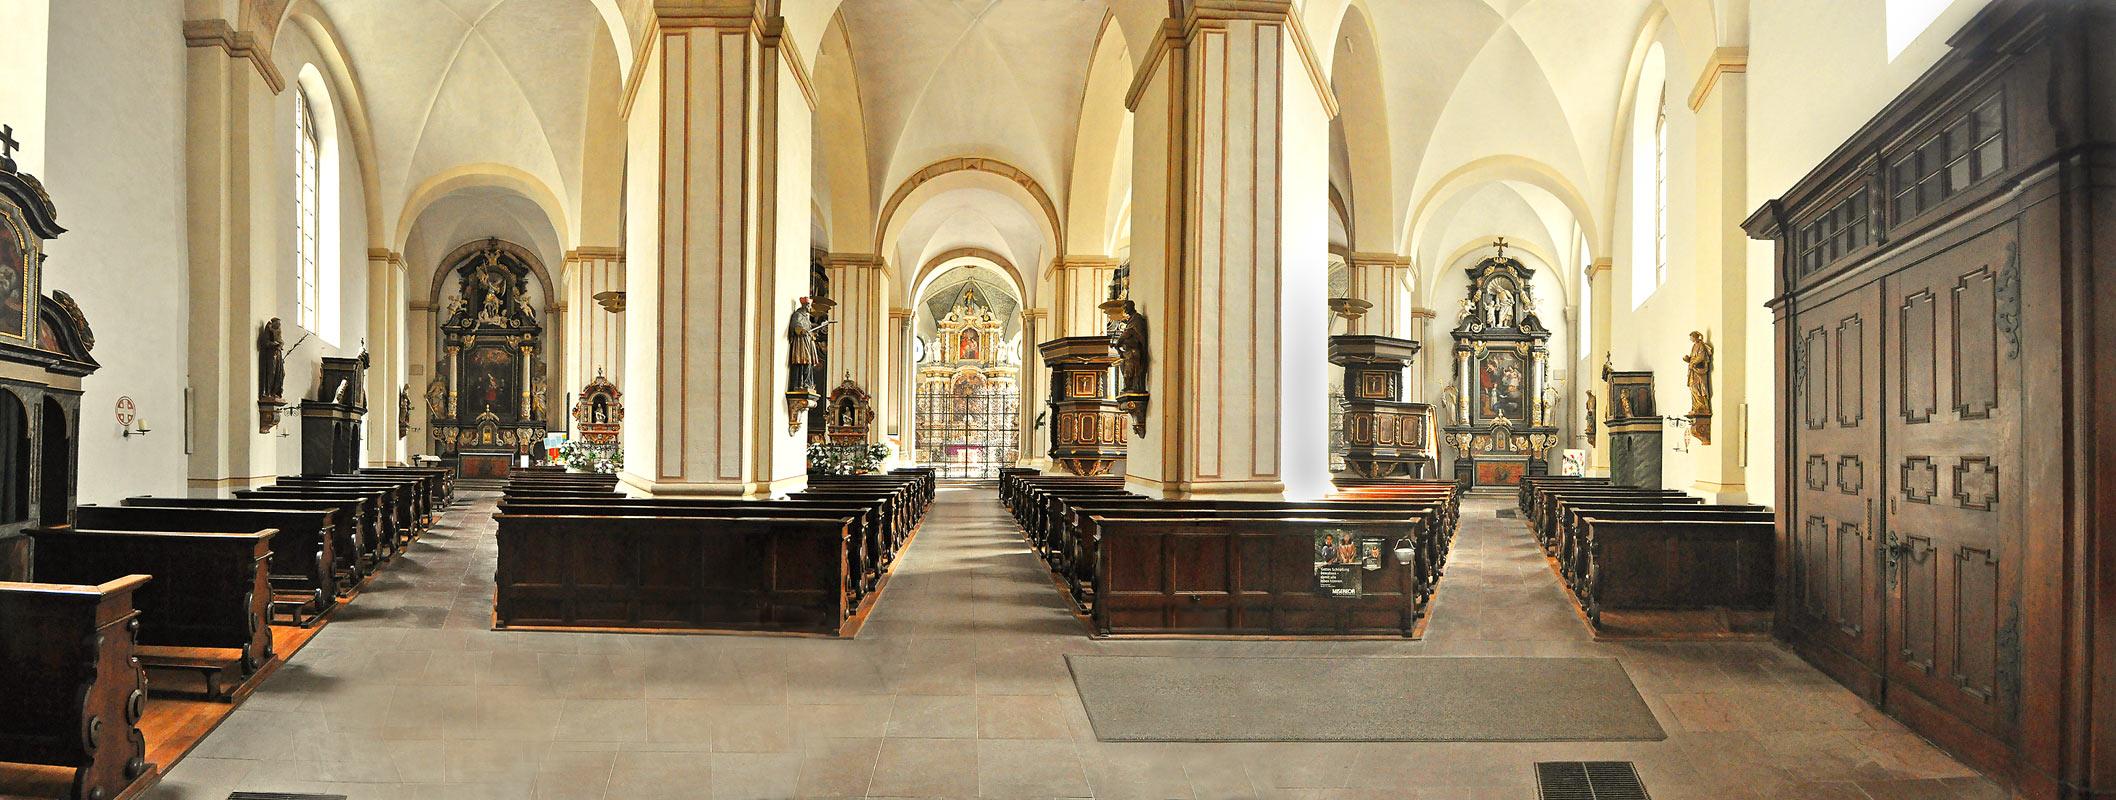 kloster und abtei marienm nster   blick in den altarraum